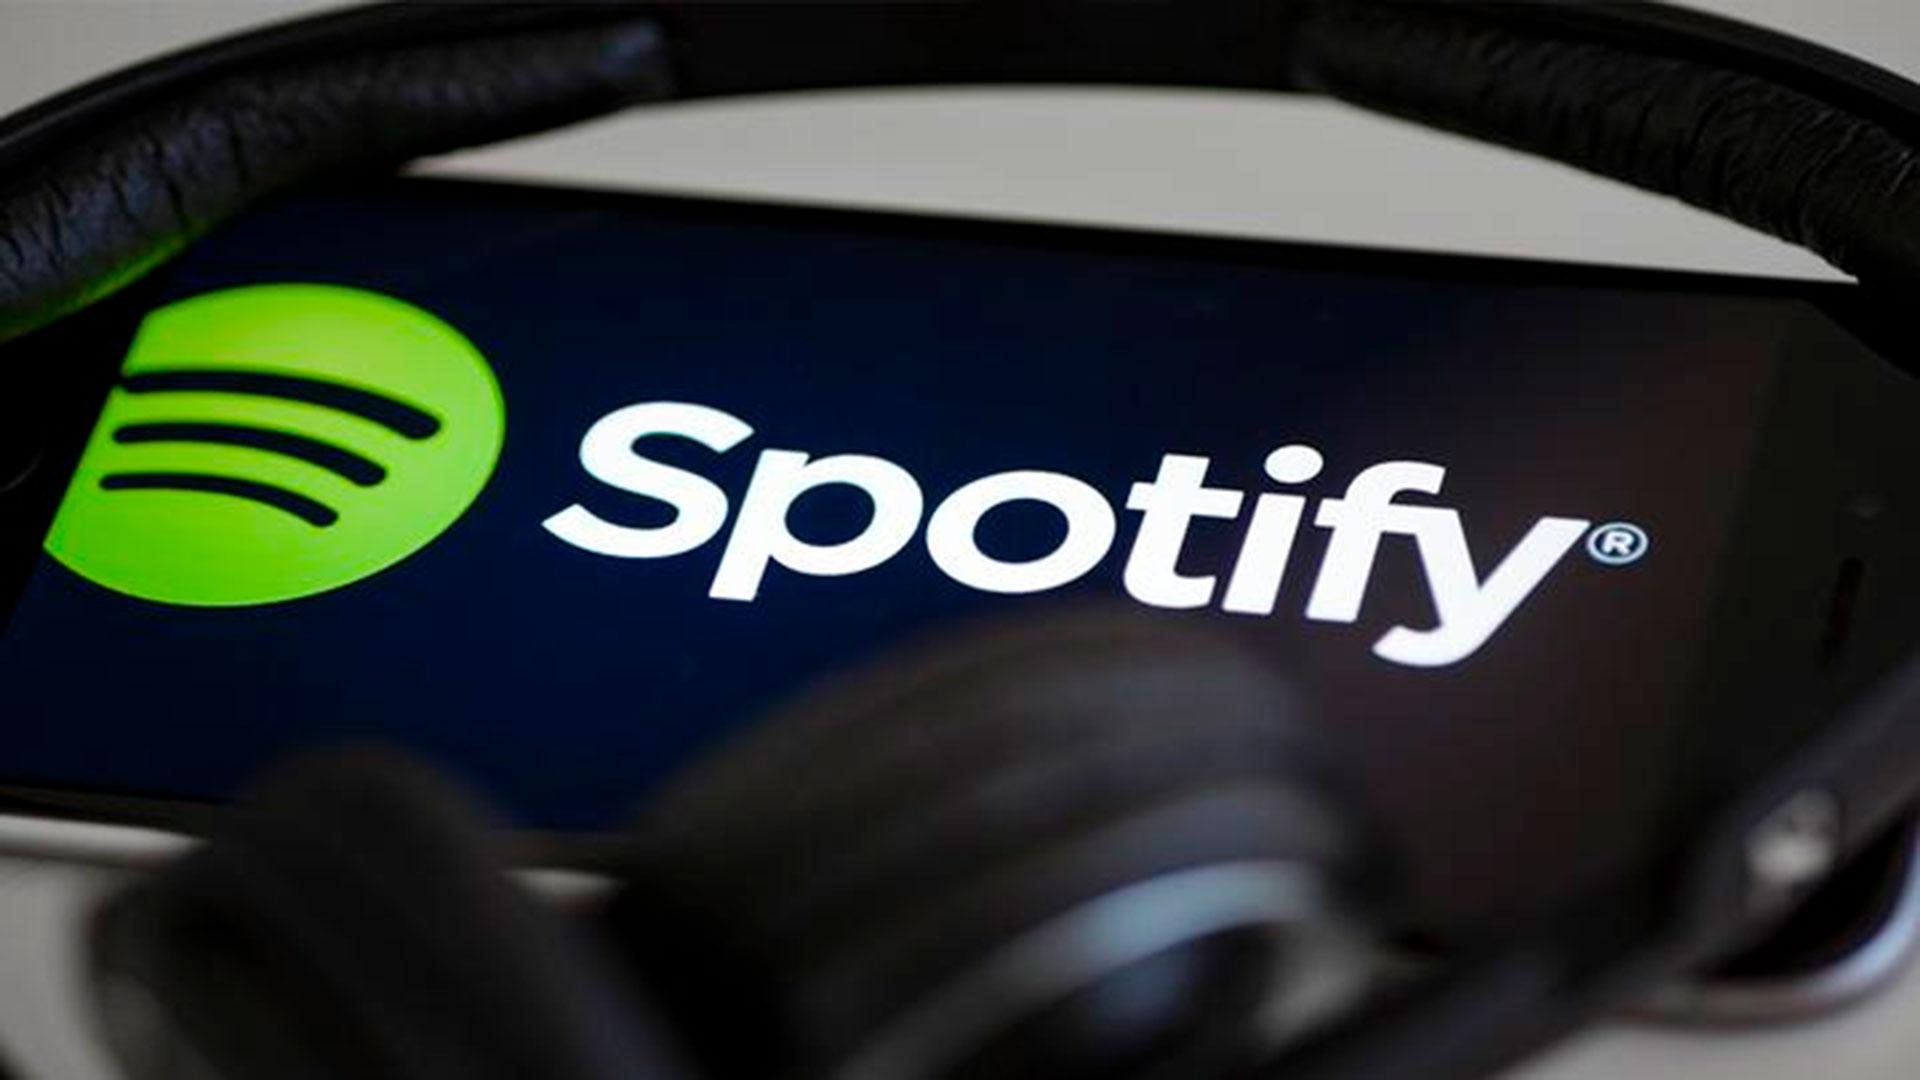 Spotify es el servicio de reproducción de música en línea más grande del mundo, con 159 millones de usuarios repartidos en algo más de 60 países